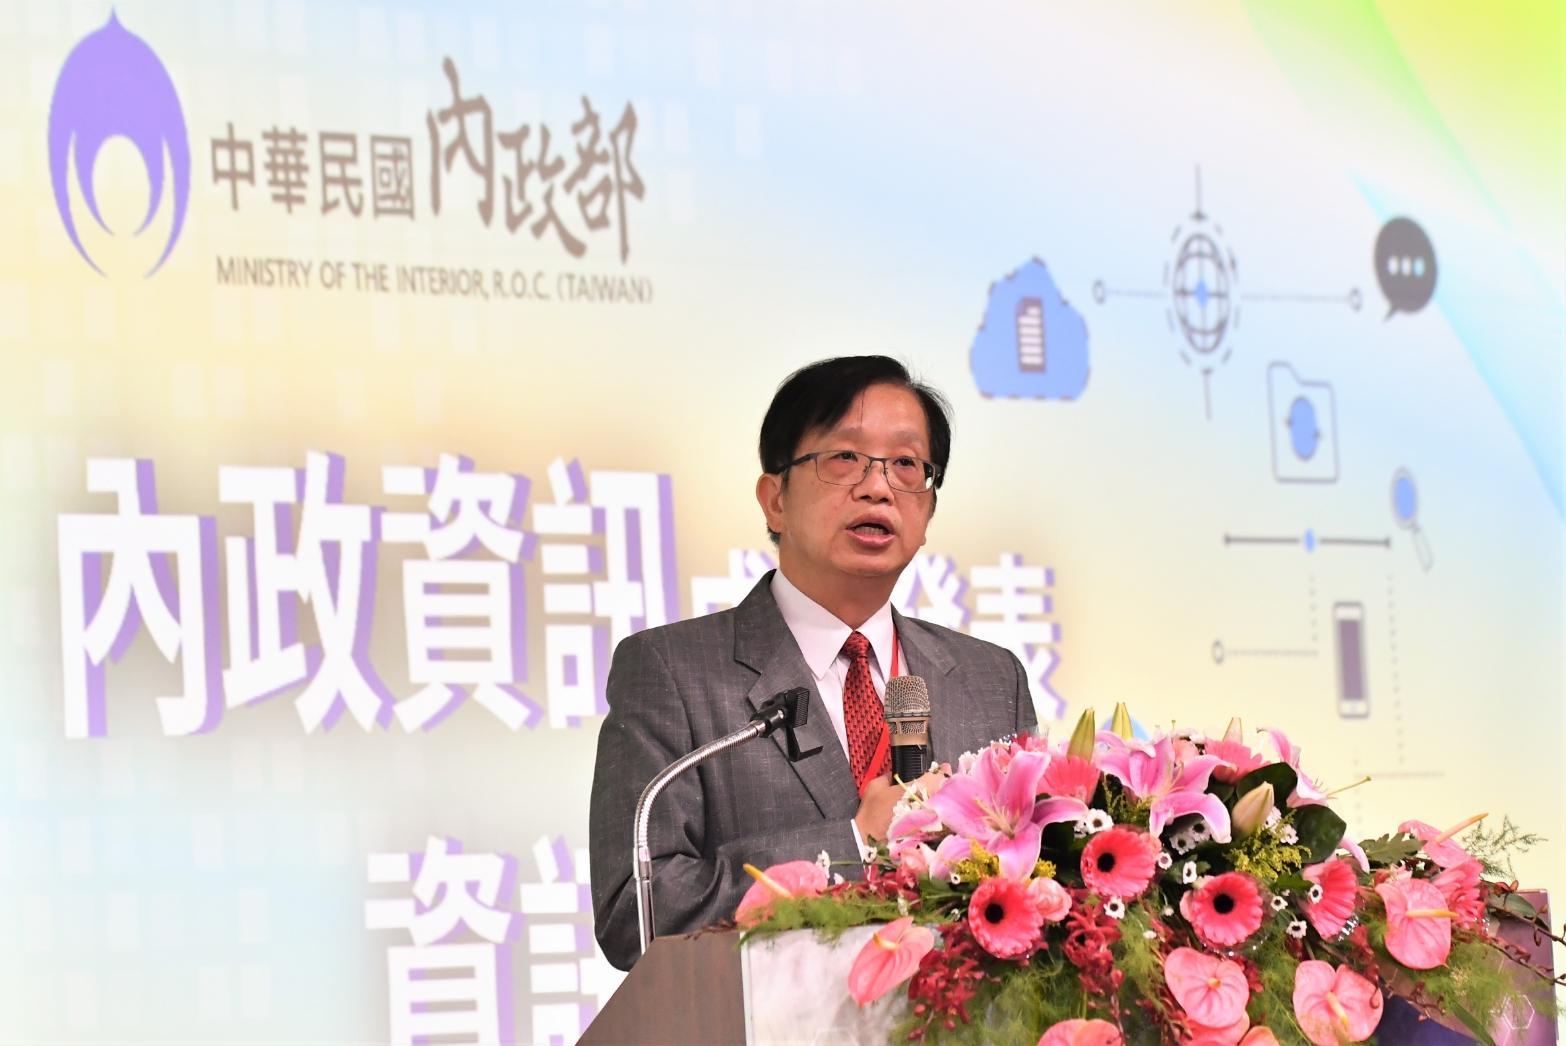 內政部次長邱昌嶽出席「內政資訊成果發表暨資訊發展研討會」。